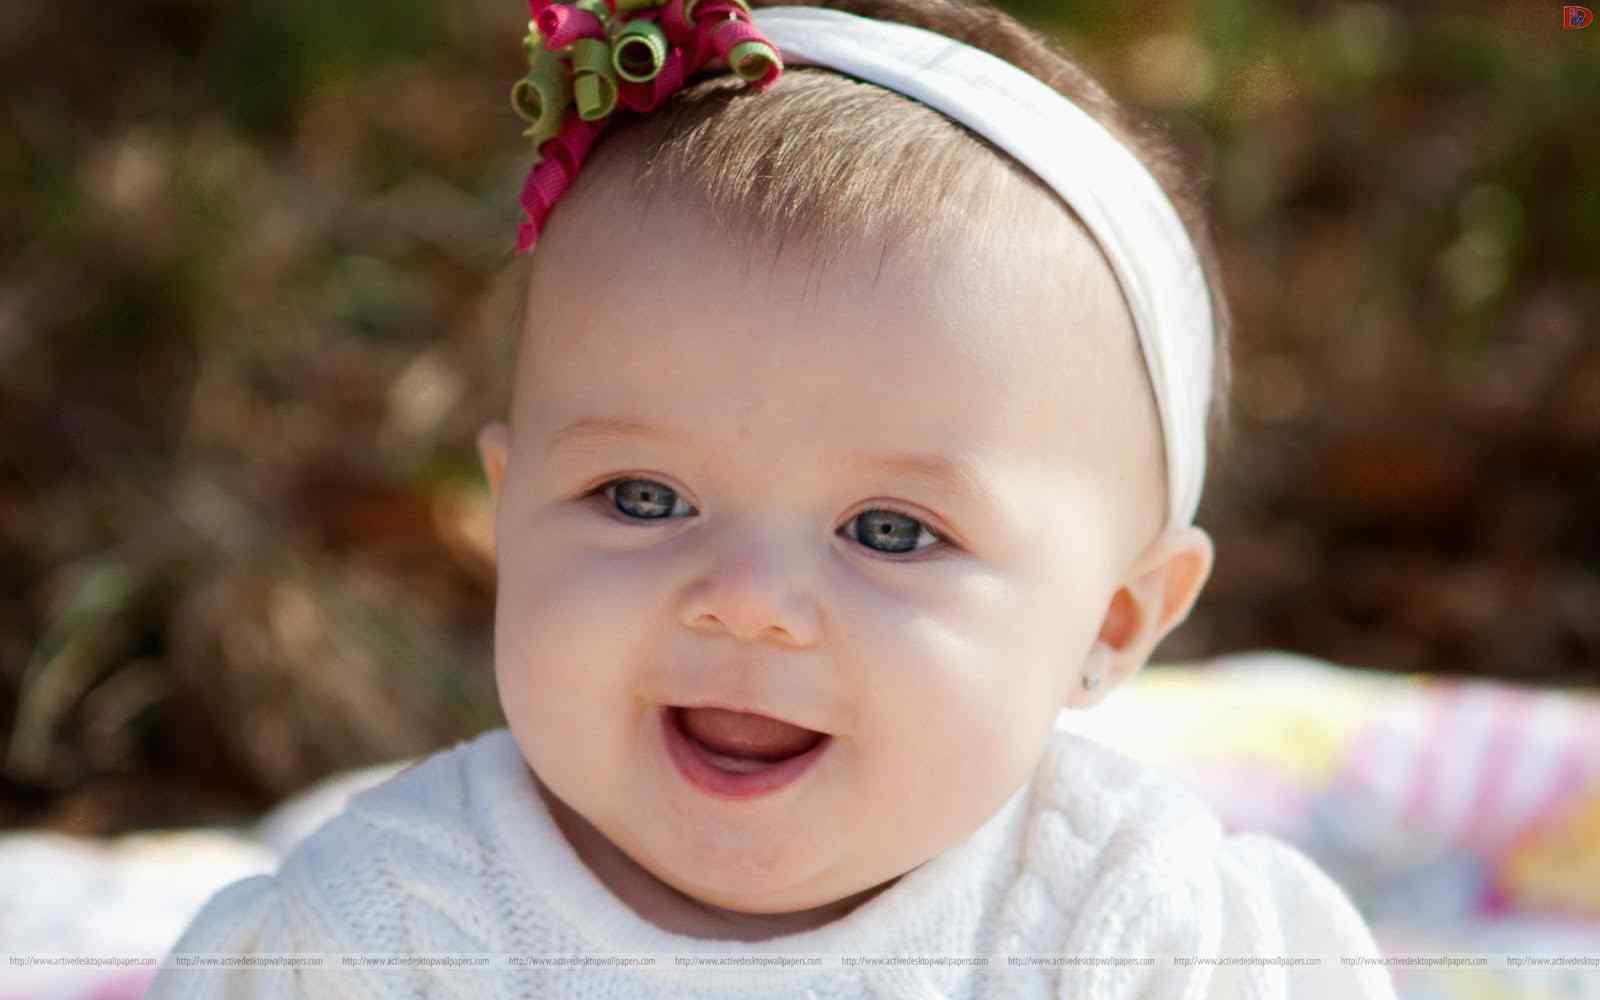 بالصور صور الاطفال , احلي صور لاطفال جميلة 6423 8